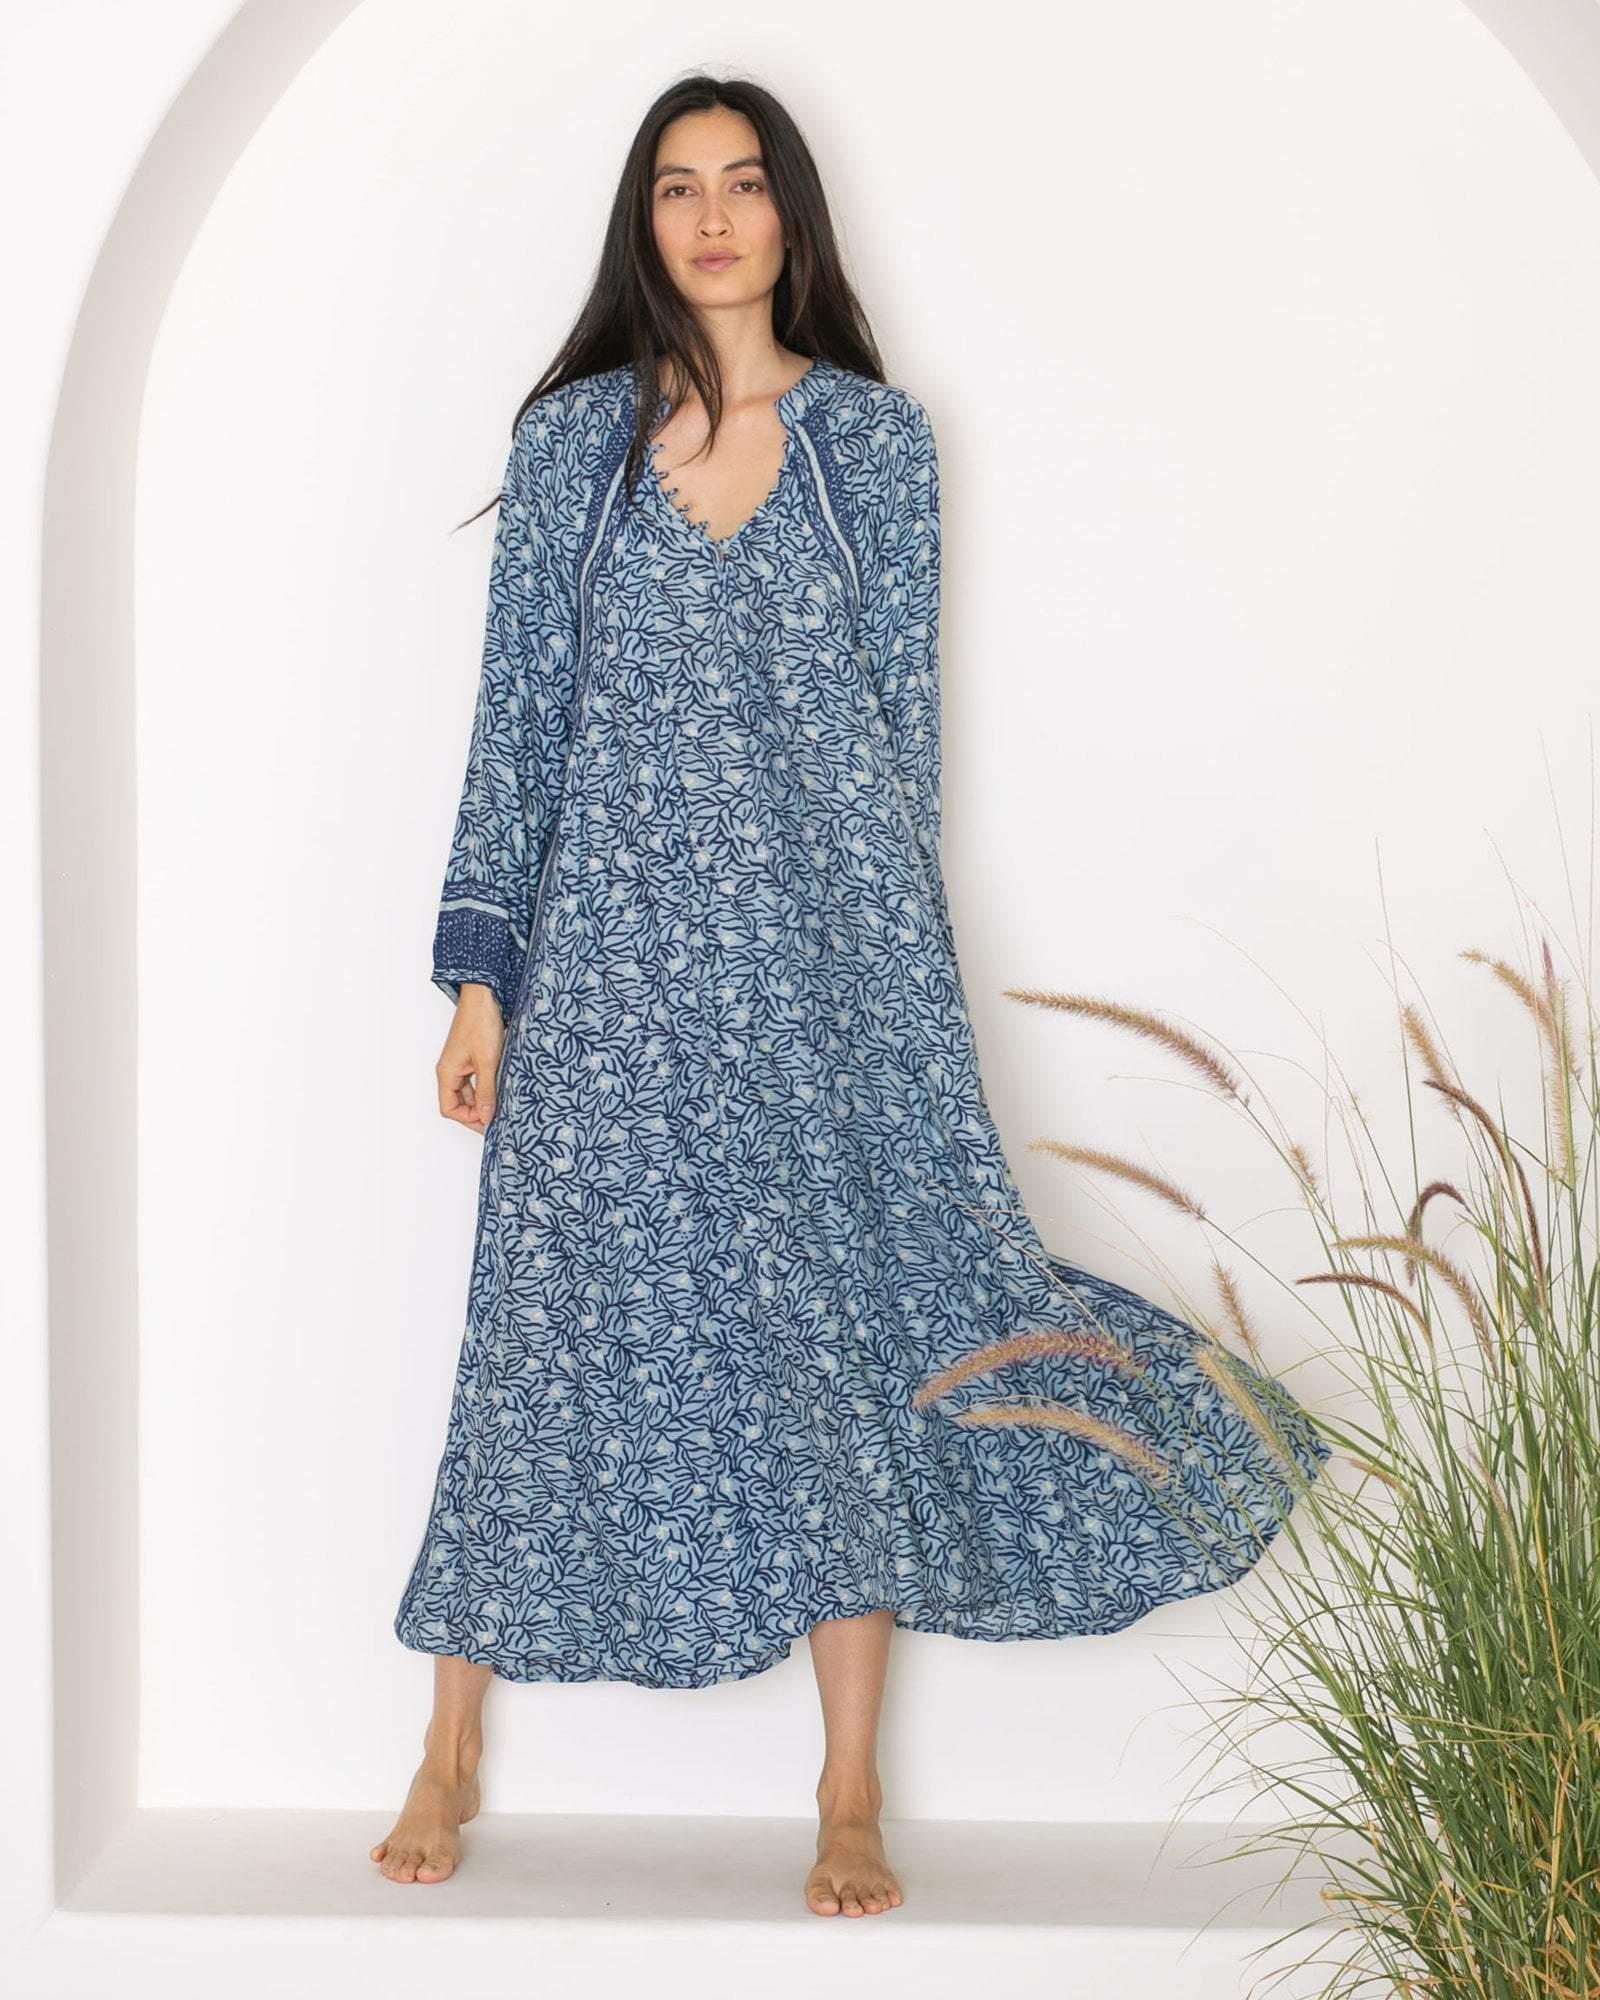 fd9f33c74e1 Lyst - Natalie Martin Fiore Maxi Dress In Blue Coral in Blue